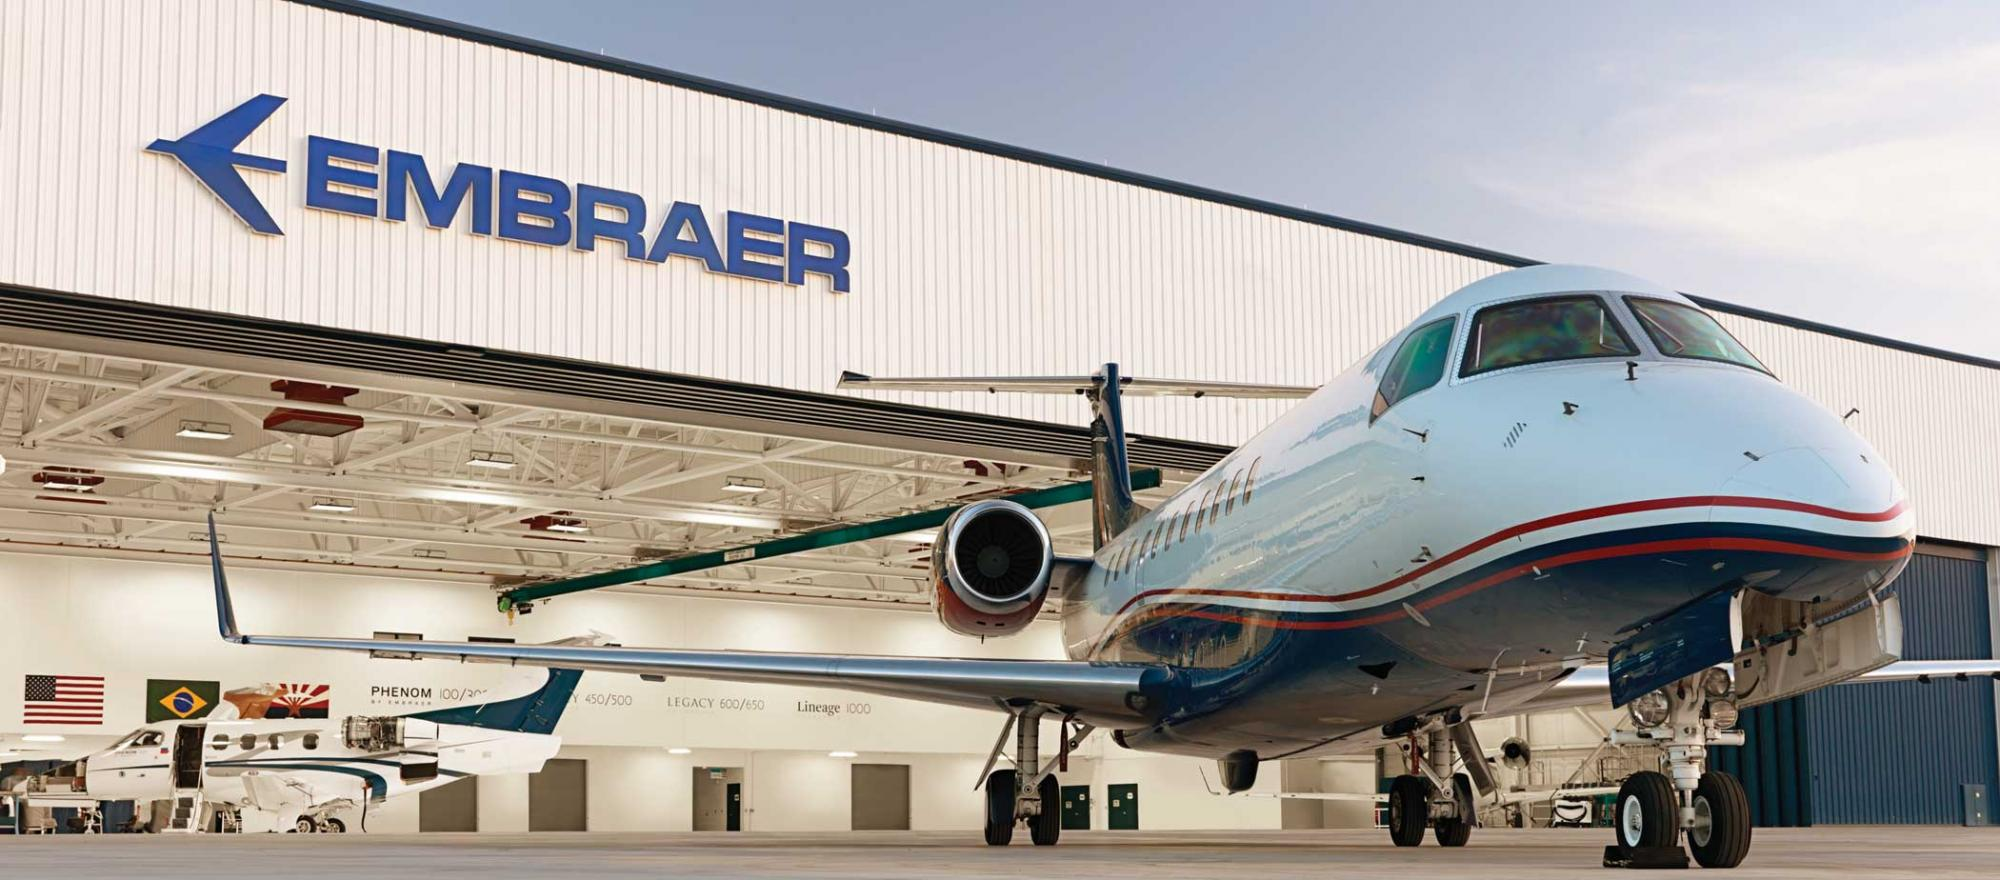 Embraer private jet charter Embraer business jet Embraer corporate jet Embraer charter7 - Embraer private jet builder Embraer private charter and Embraer jet broker